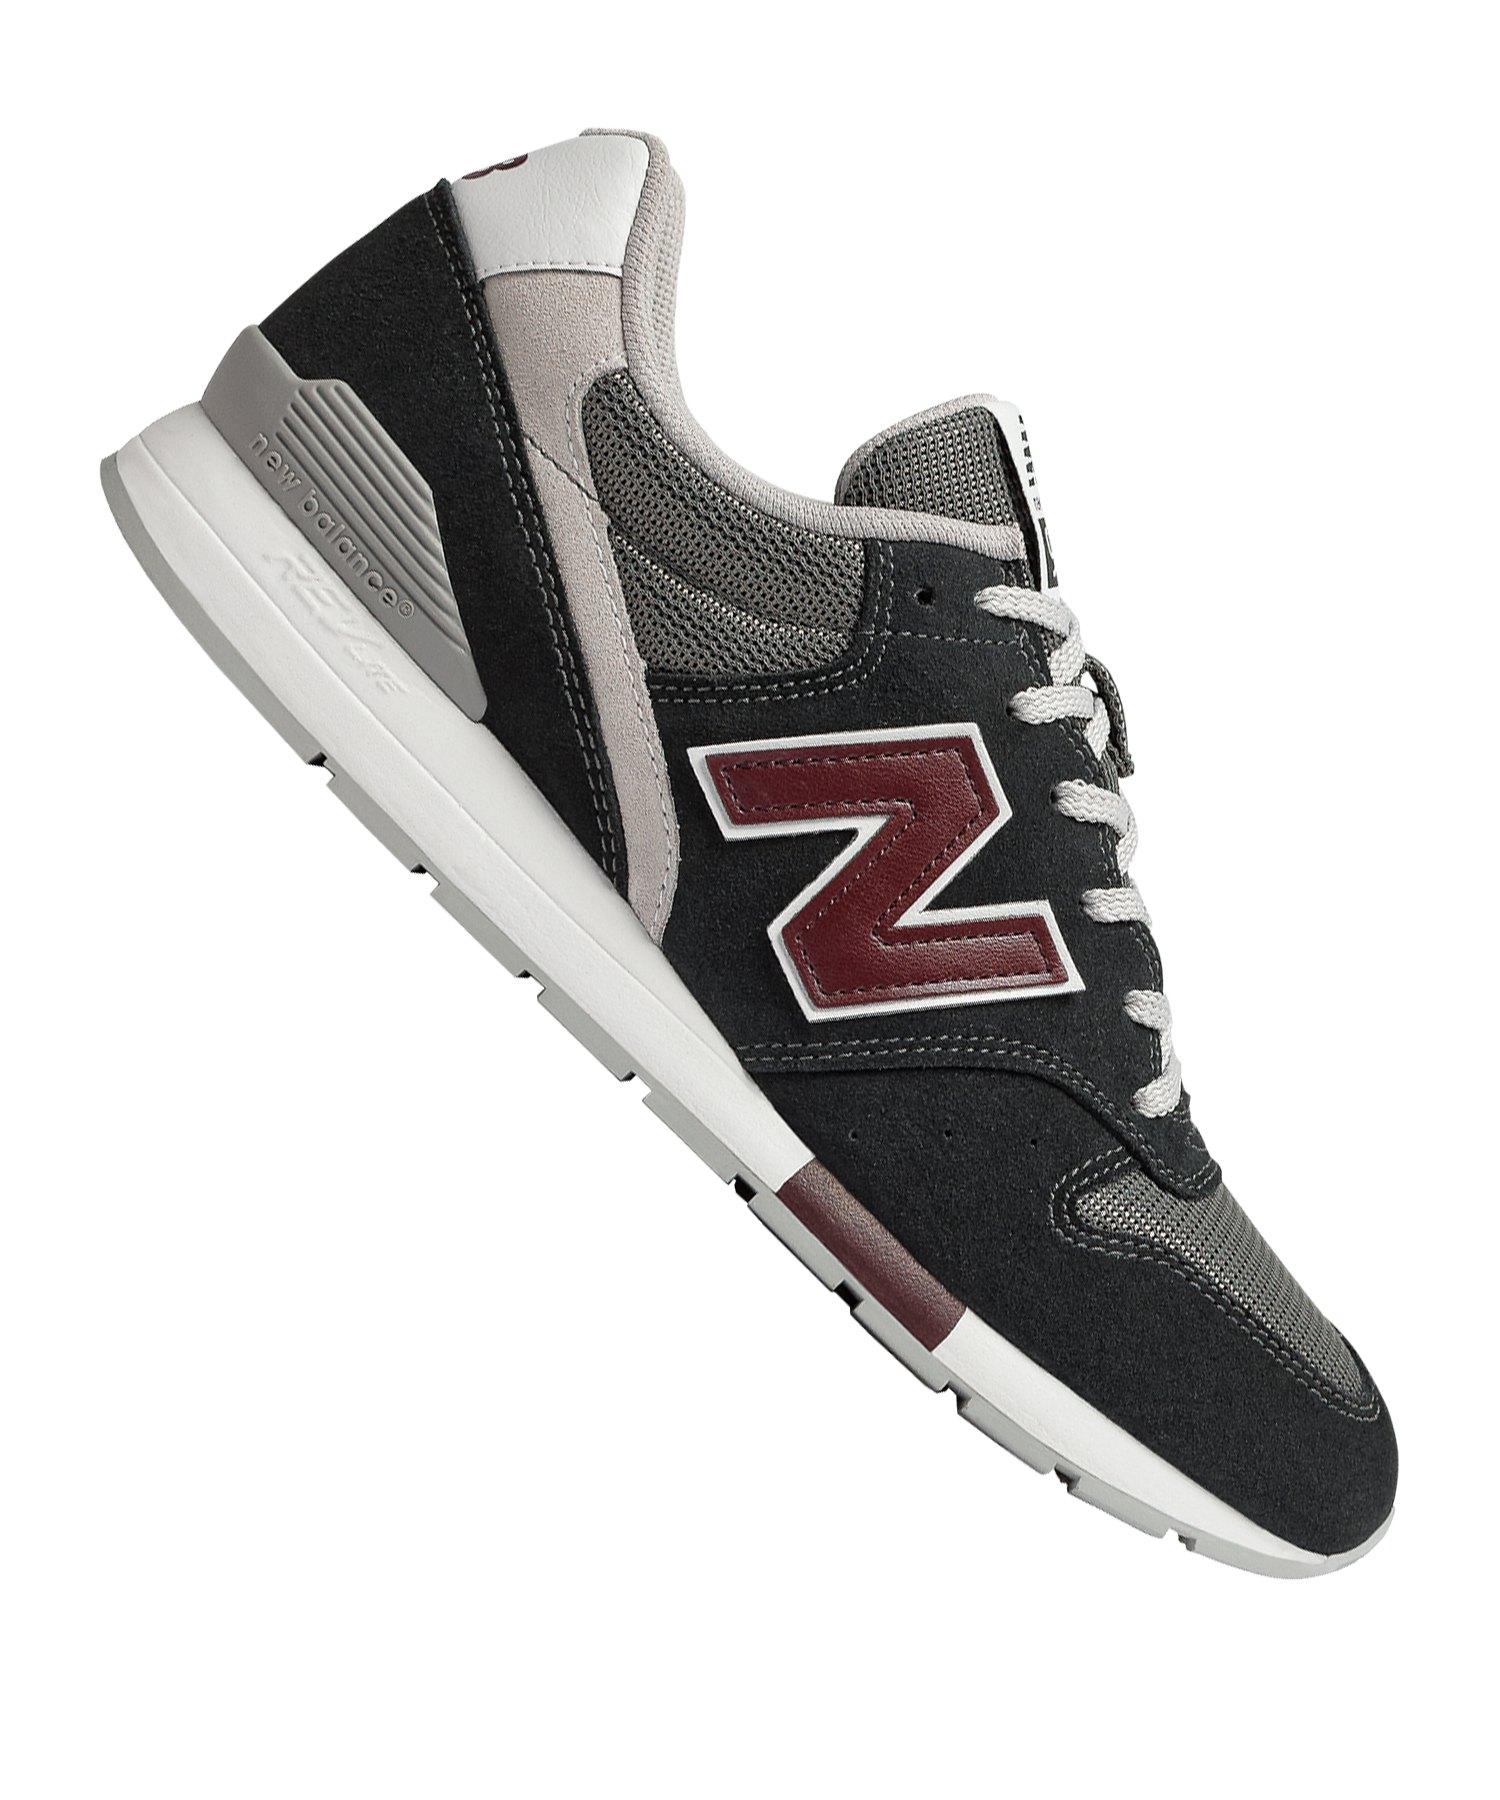 New Balance 996 Sneaker Schwarz Grau F122 - schwarz